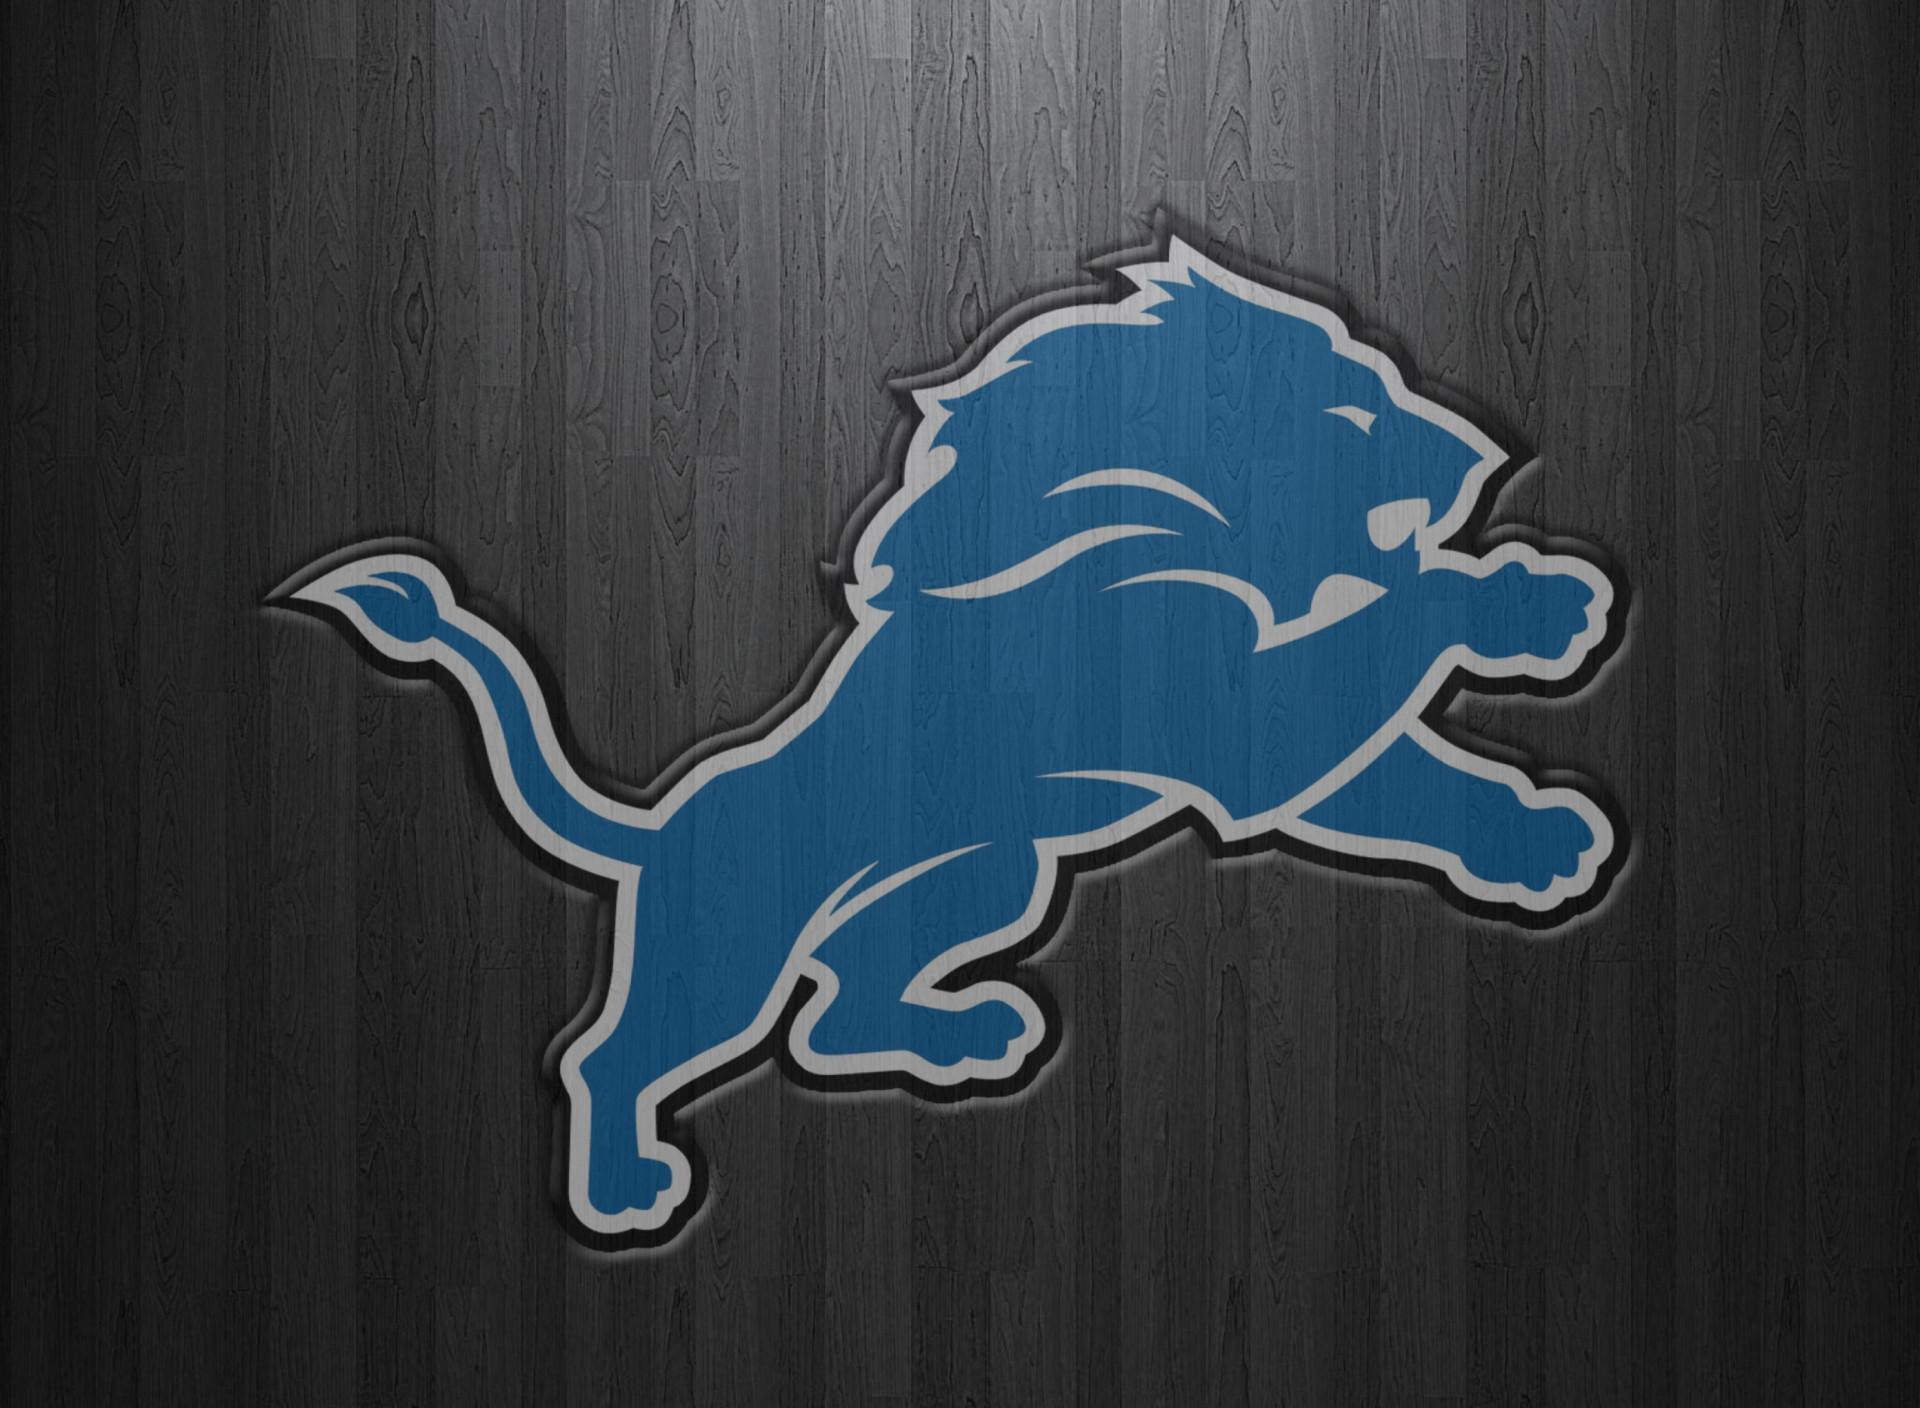 Detroit Lions Images For Desktop.